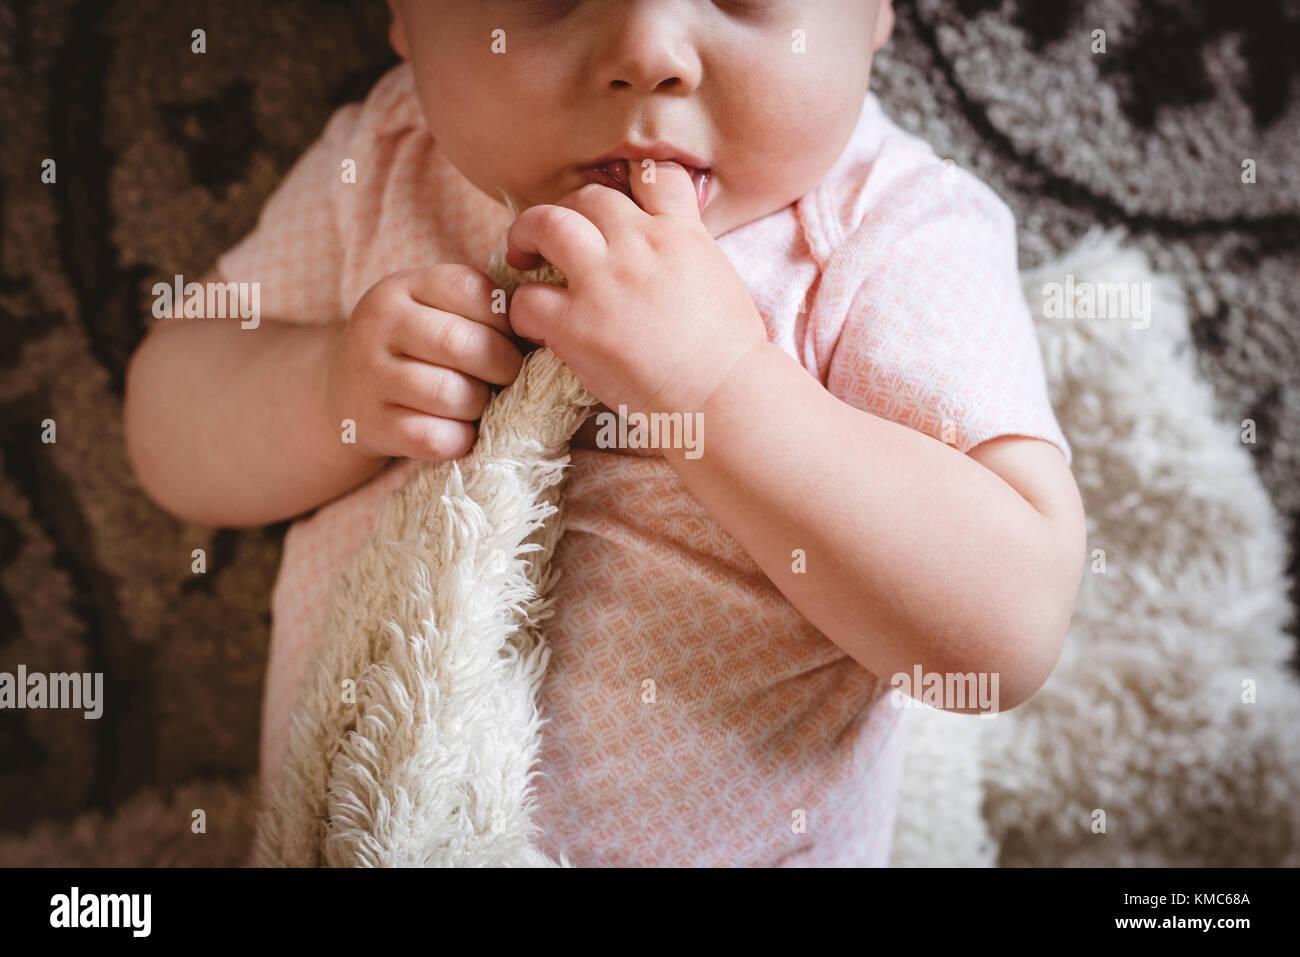 Cute baby lying on blanket - Stock Image